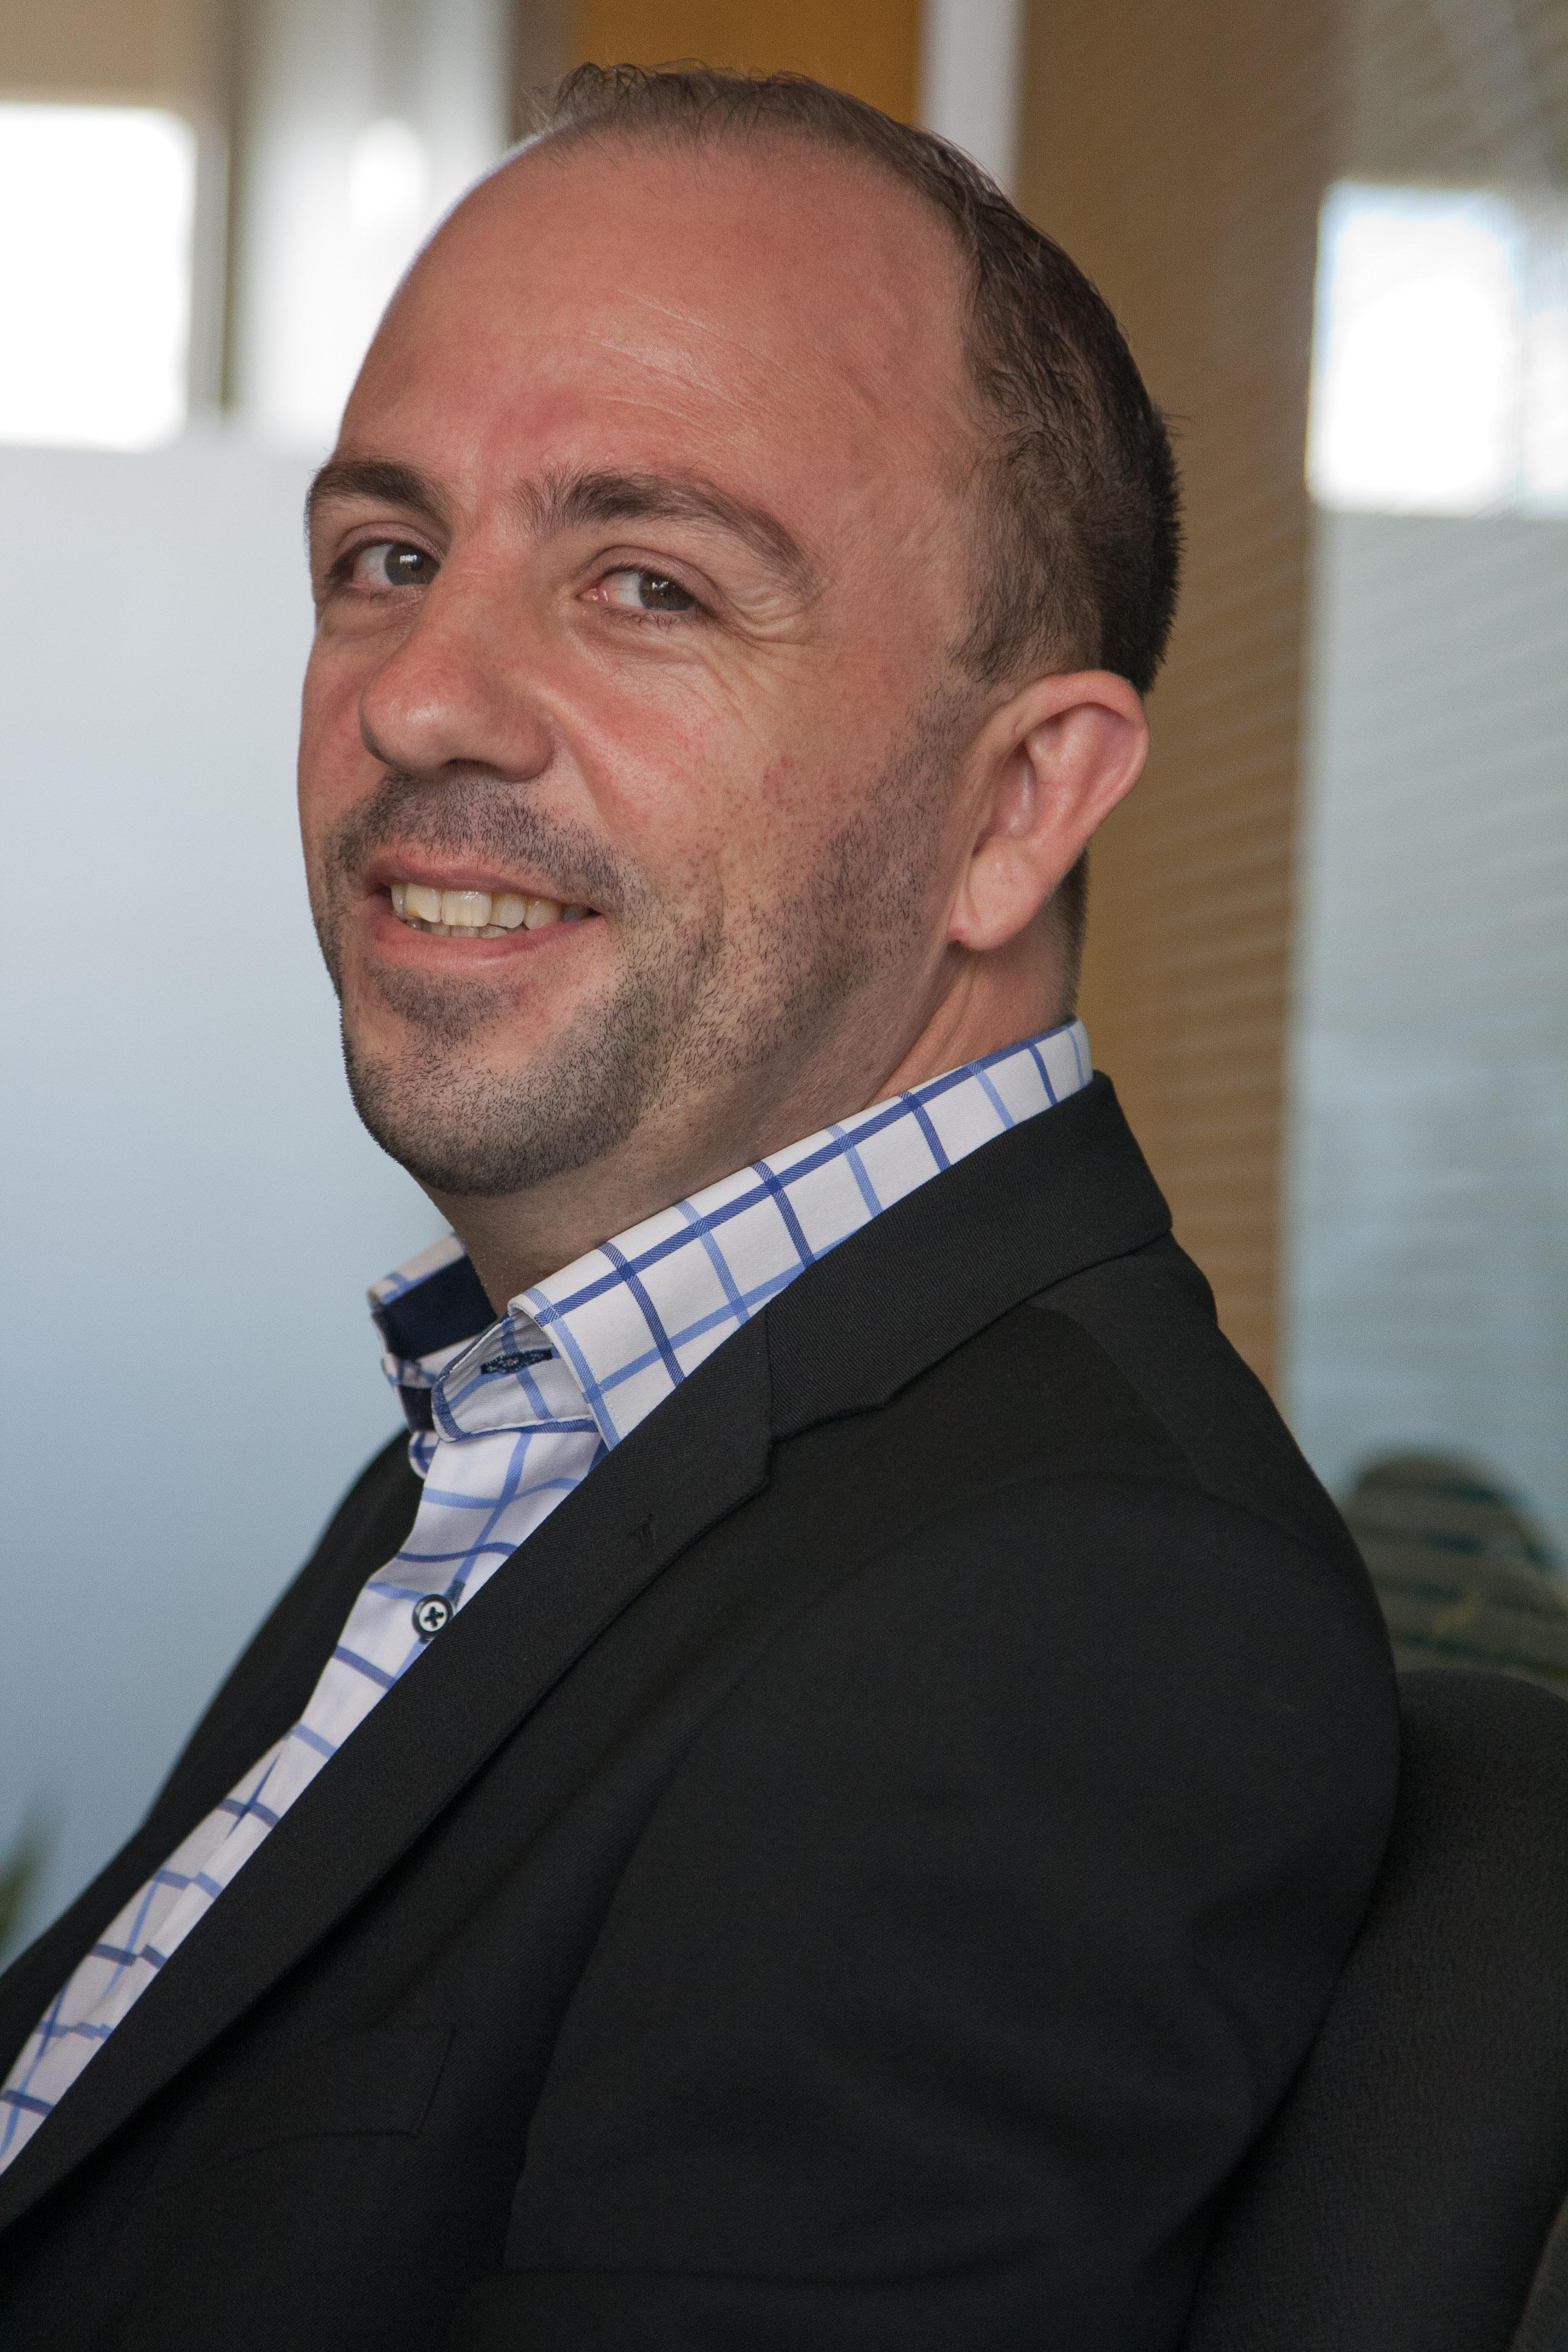 Ian Lorenzen